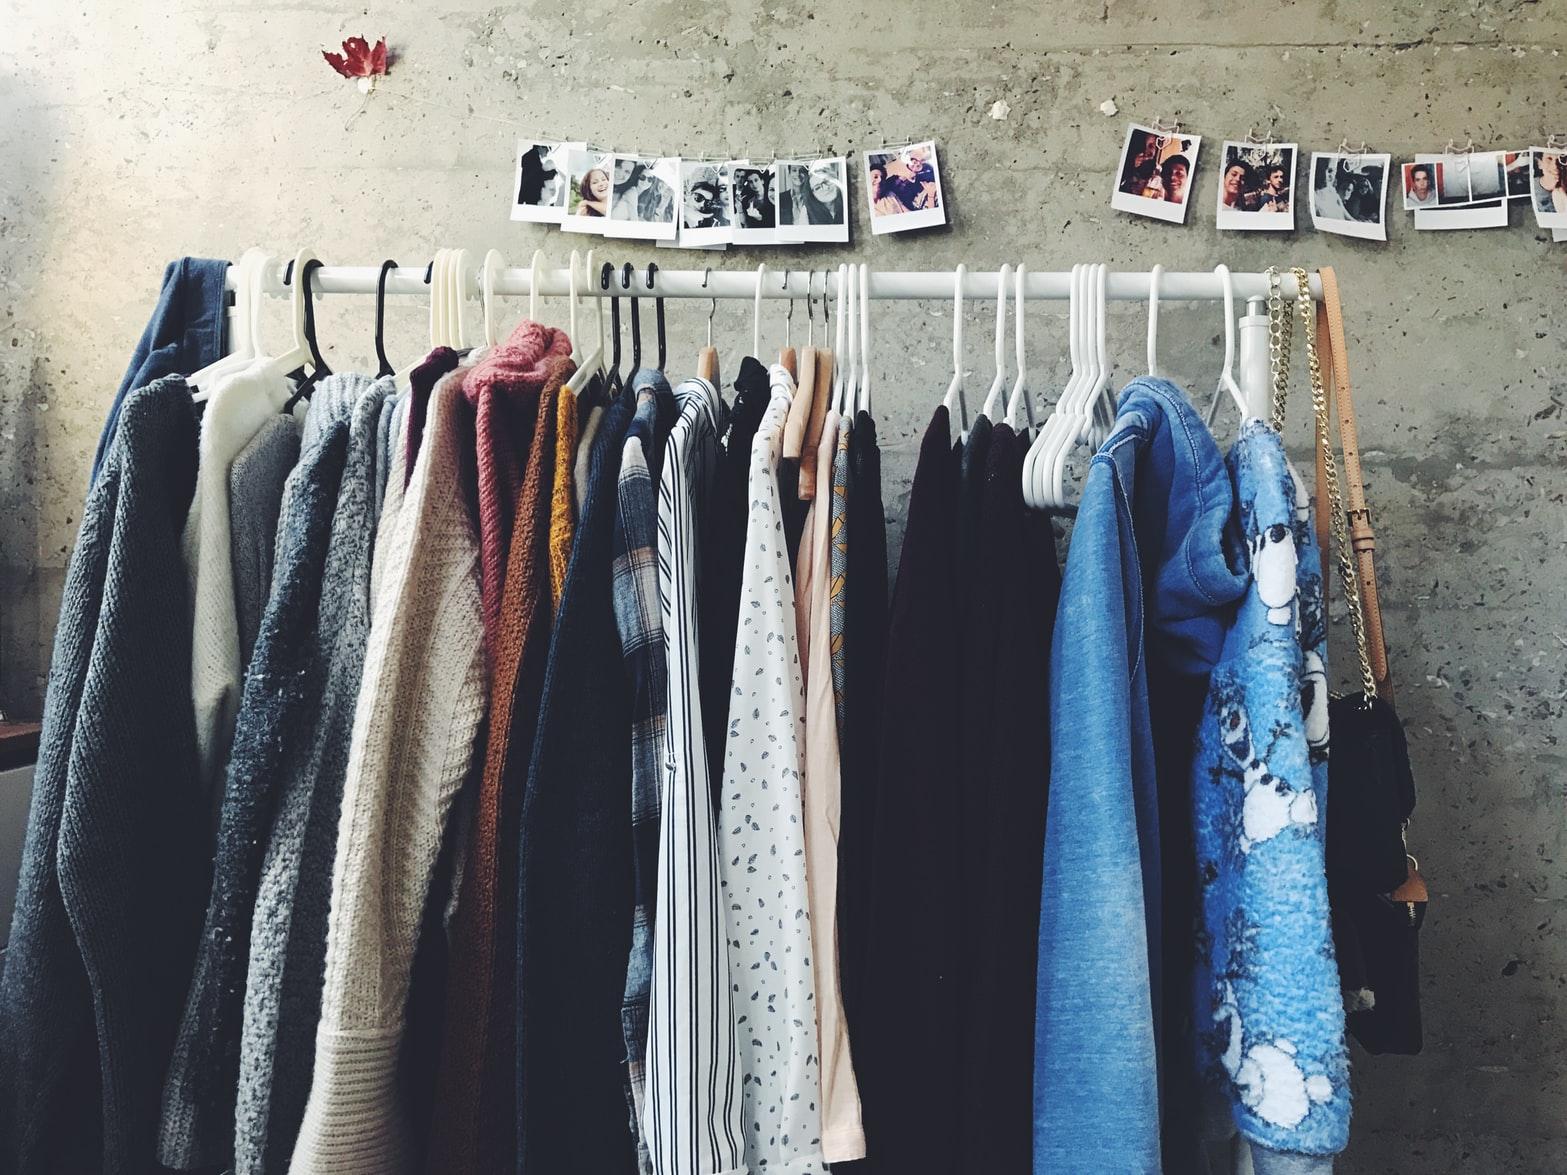 giá treo ngang nhiều loại quần áo unsplash mặc đẹp